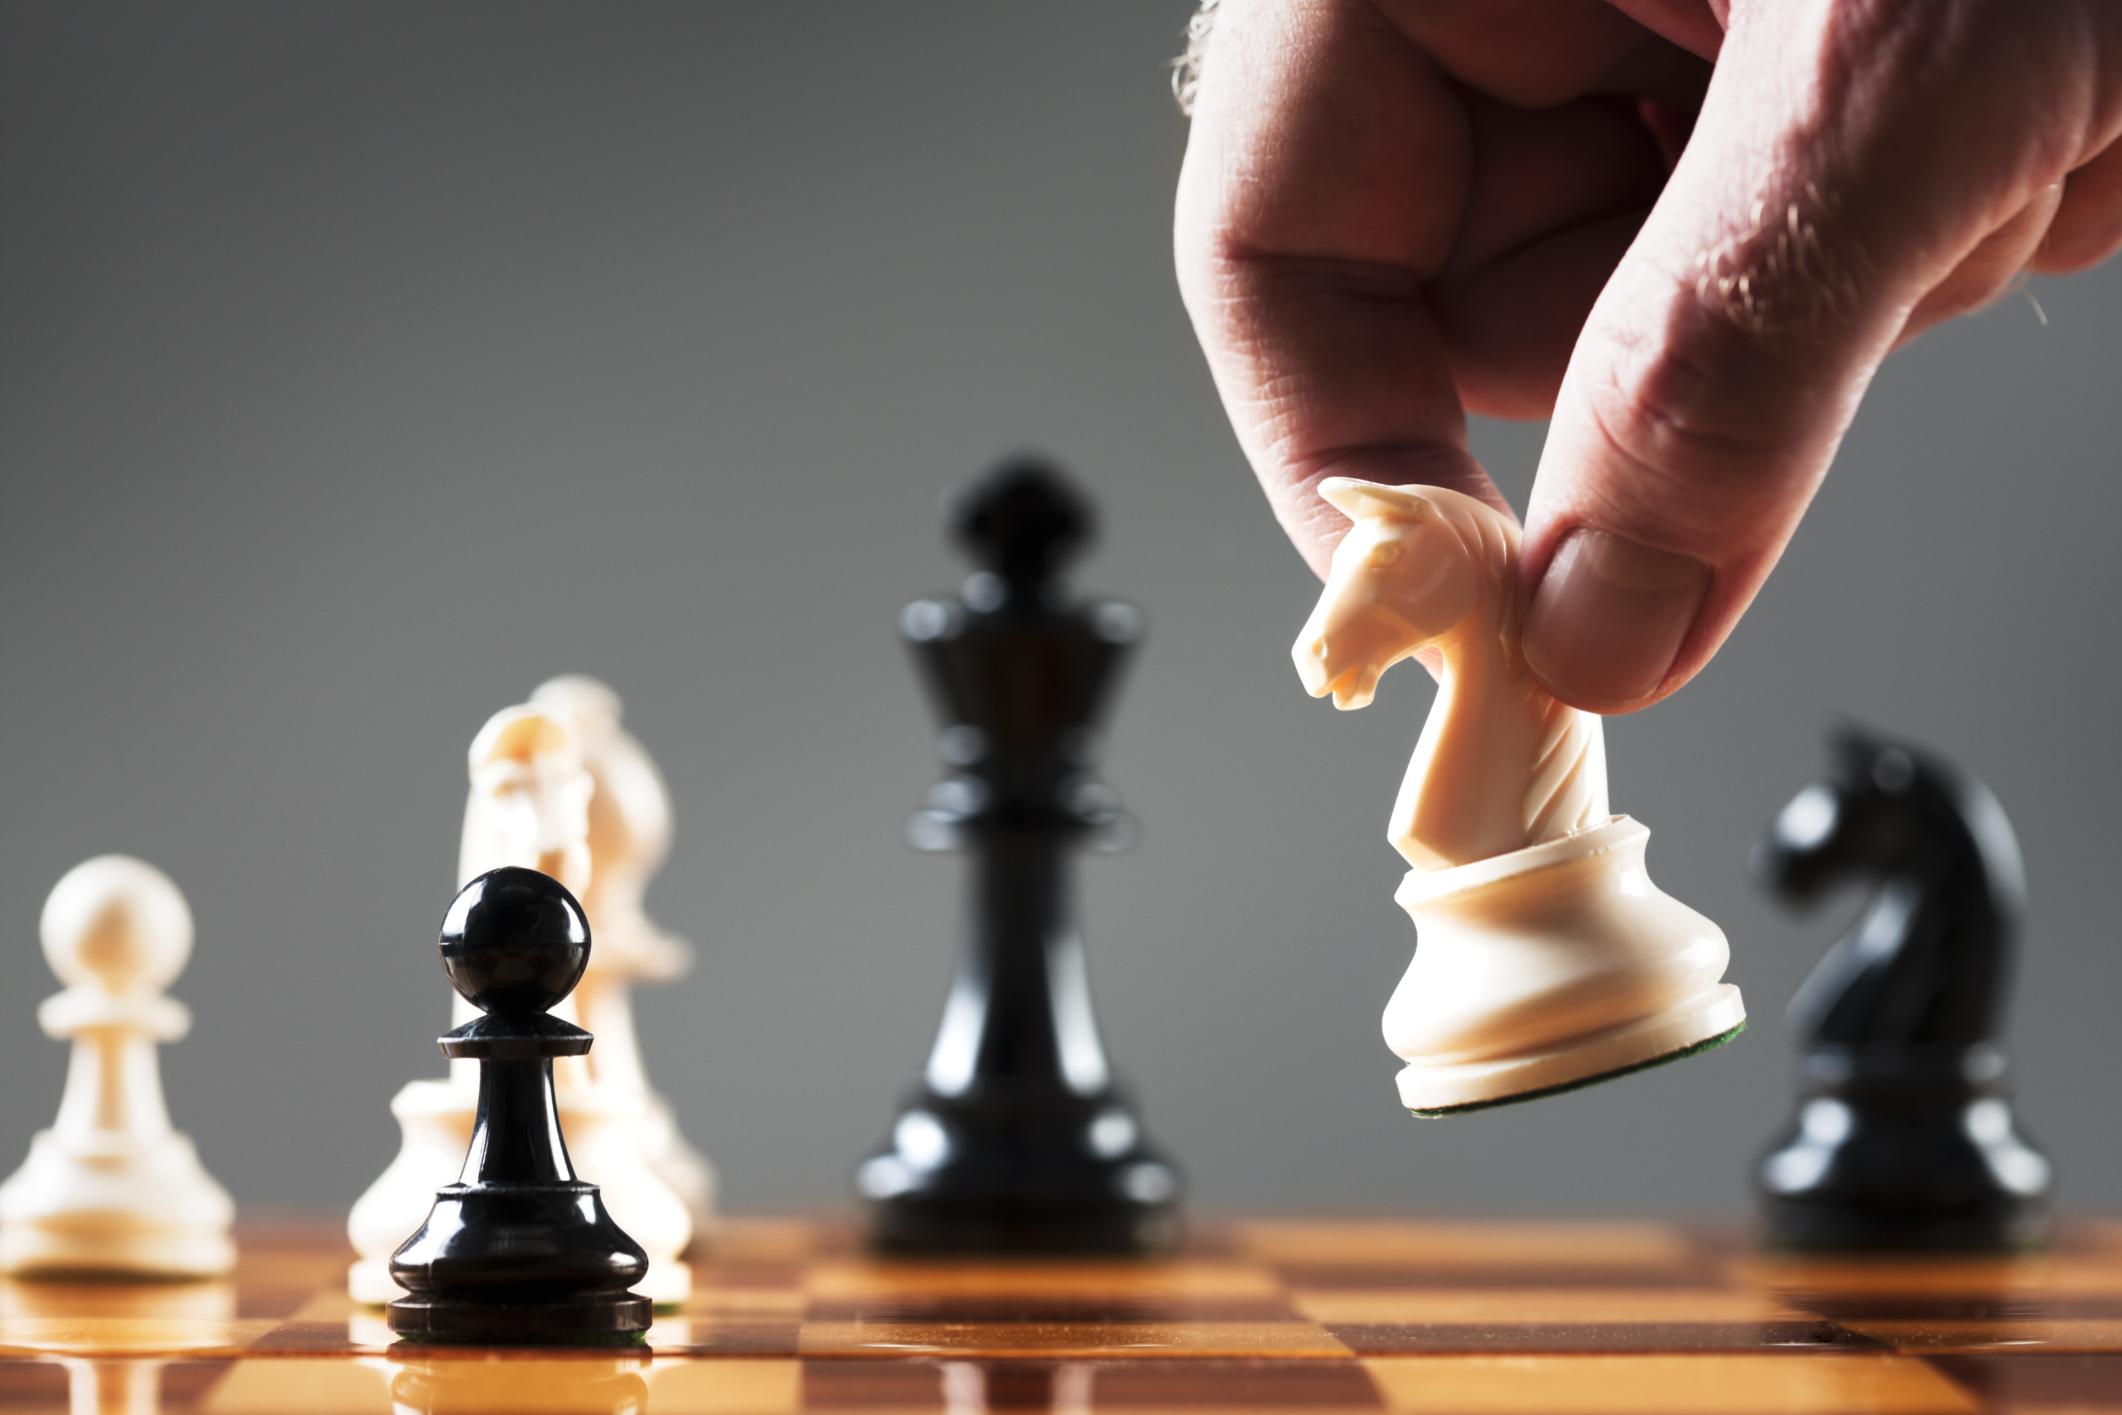 20 июля - Международный день шахмат